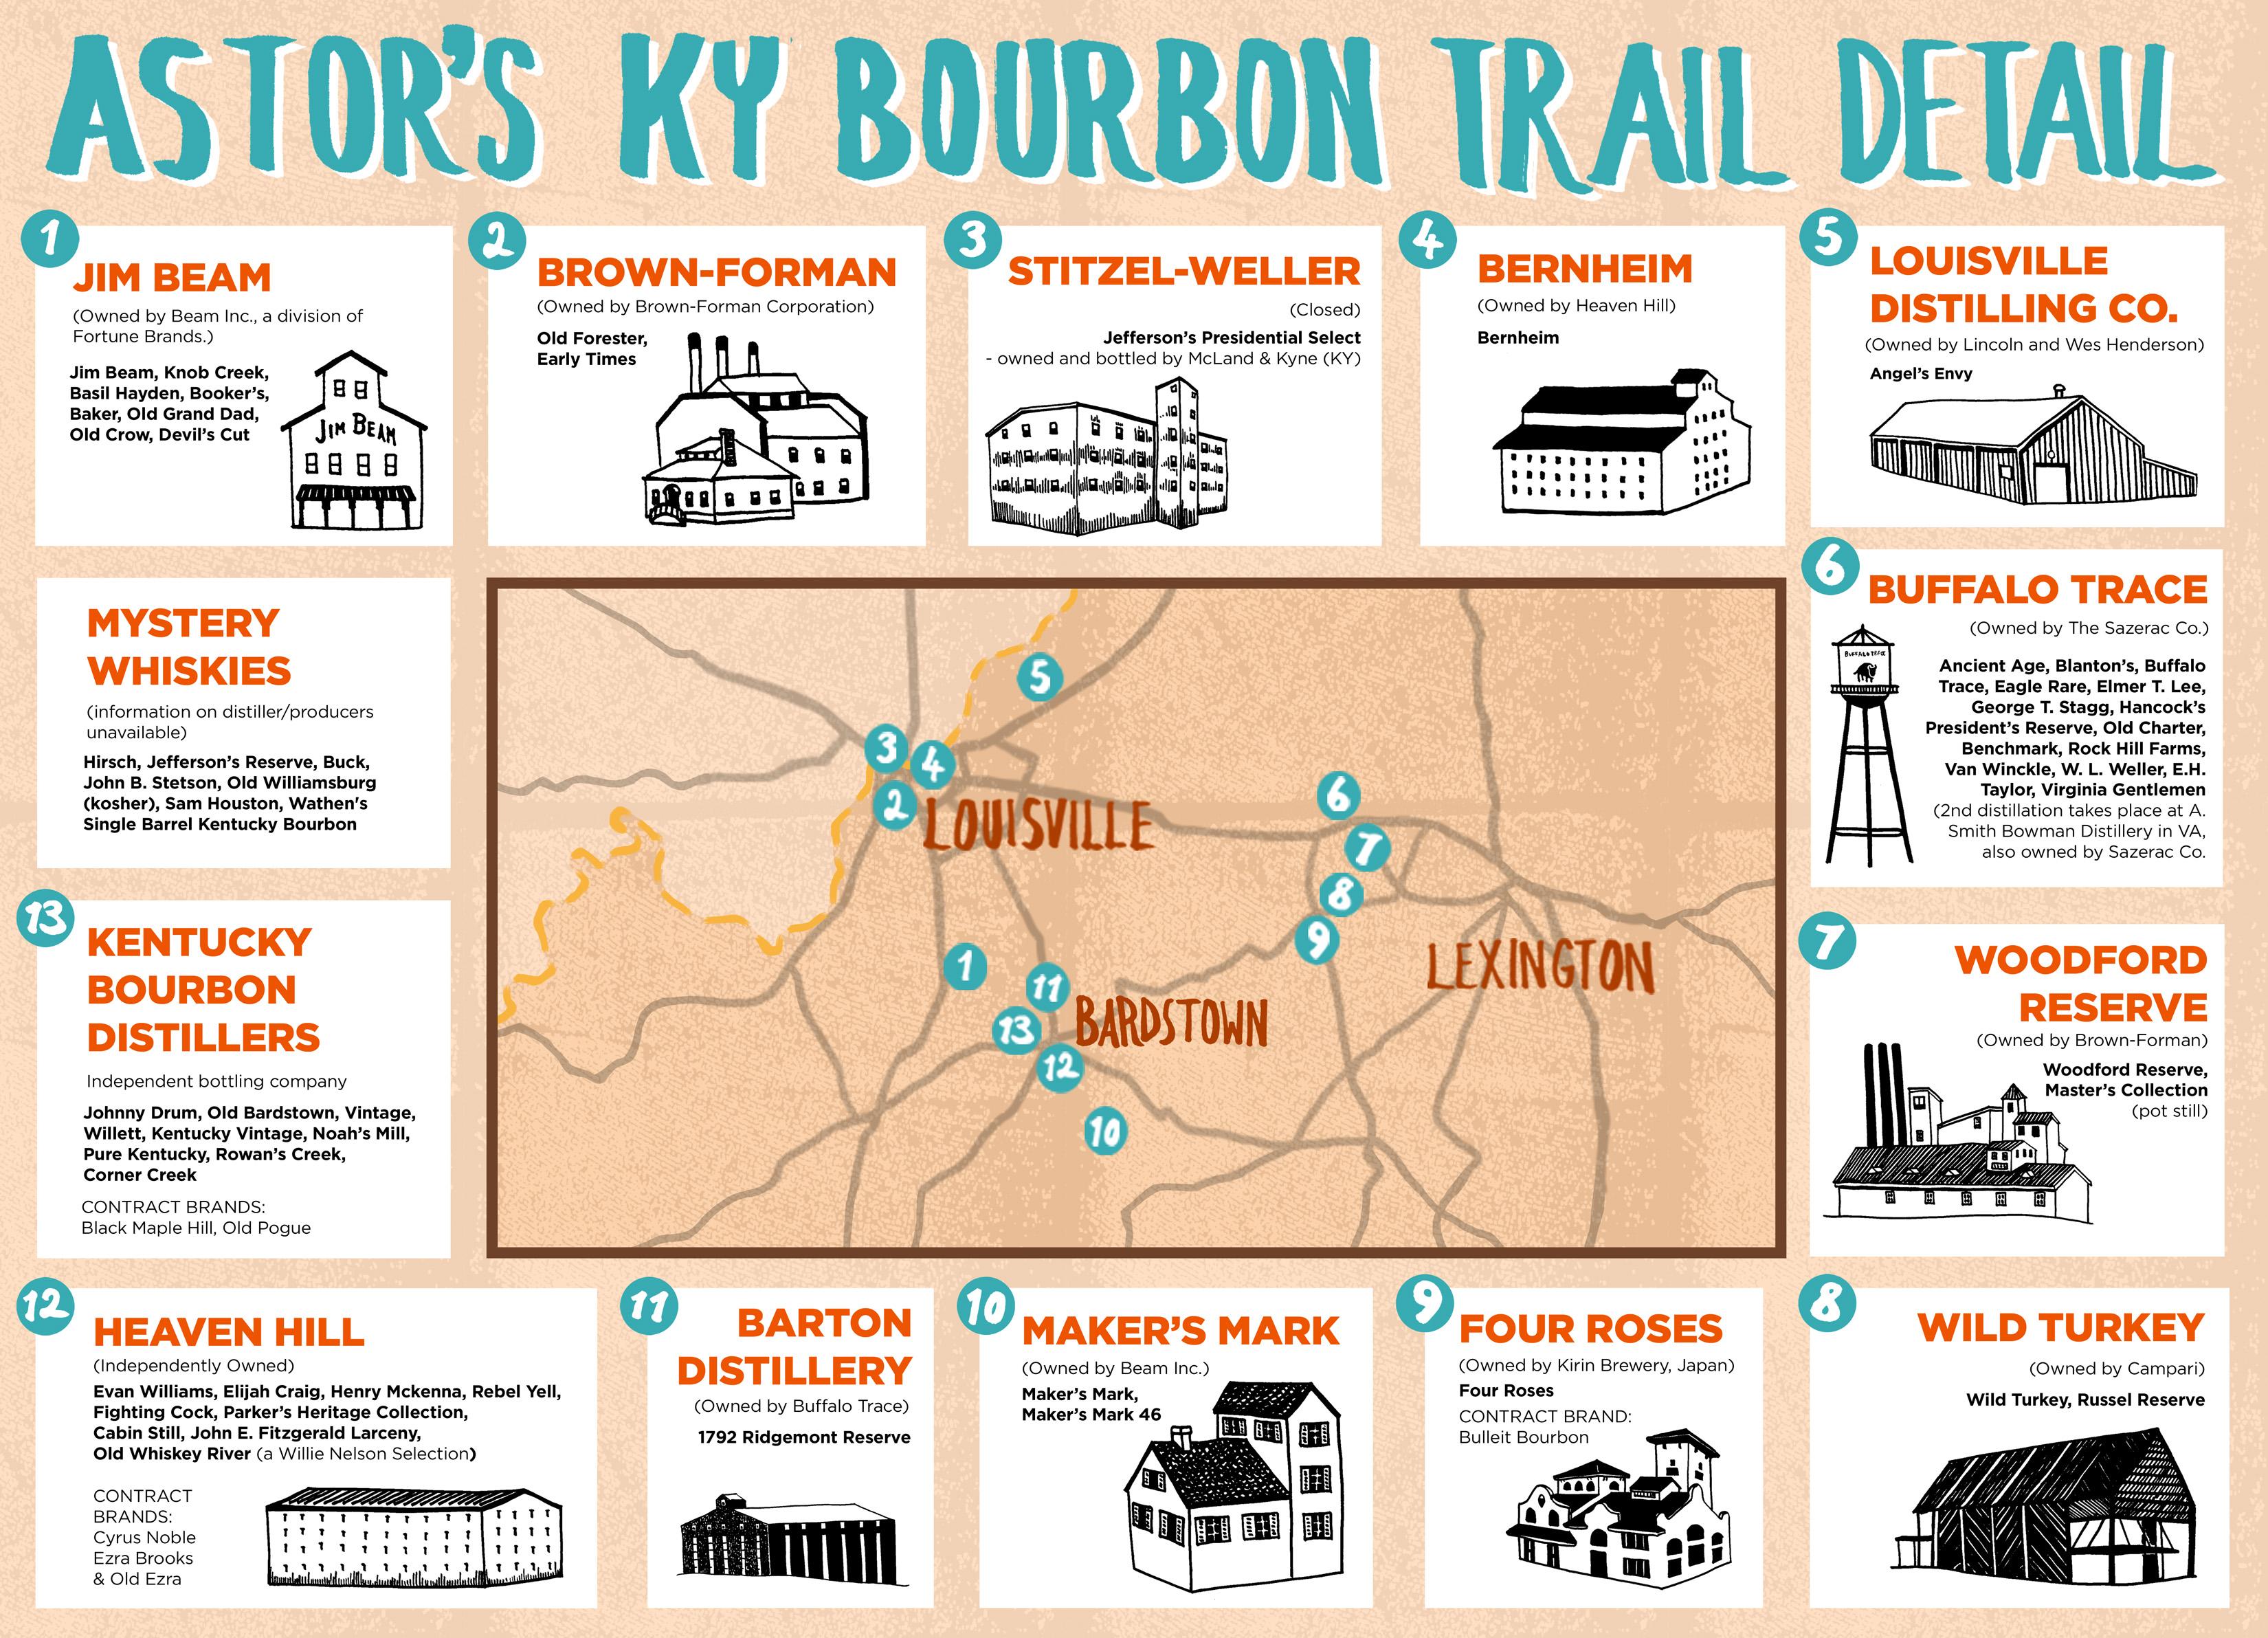 Tour kentucky bourbon distilleries for Ky bourbon trail craft tour map